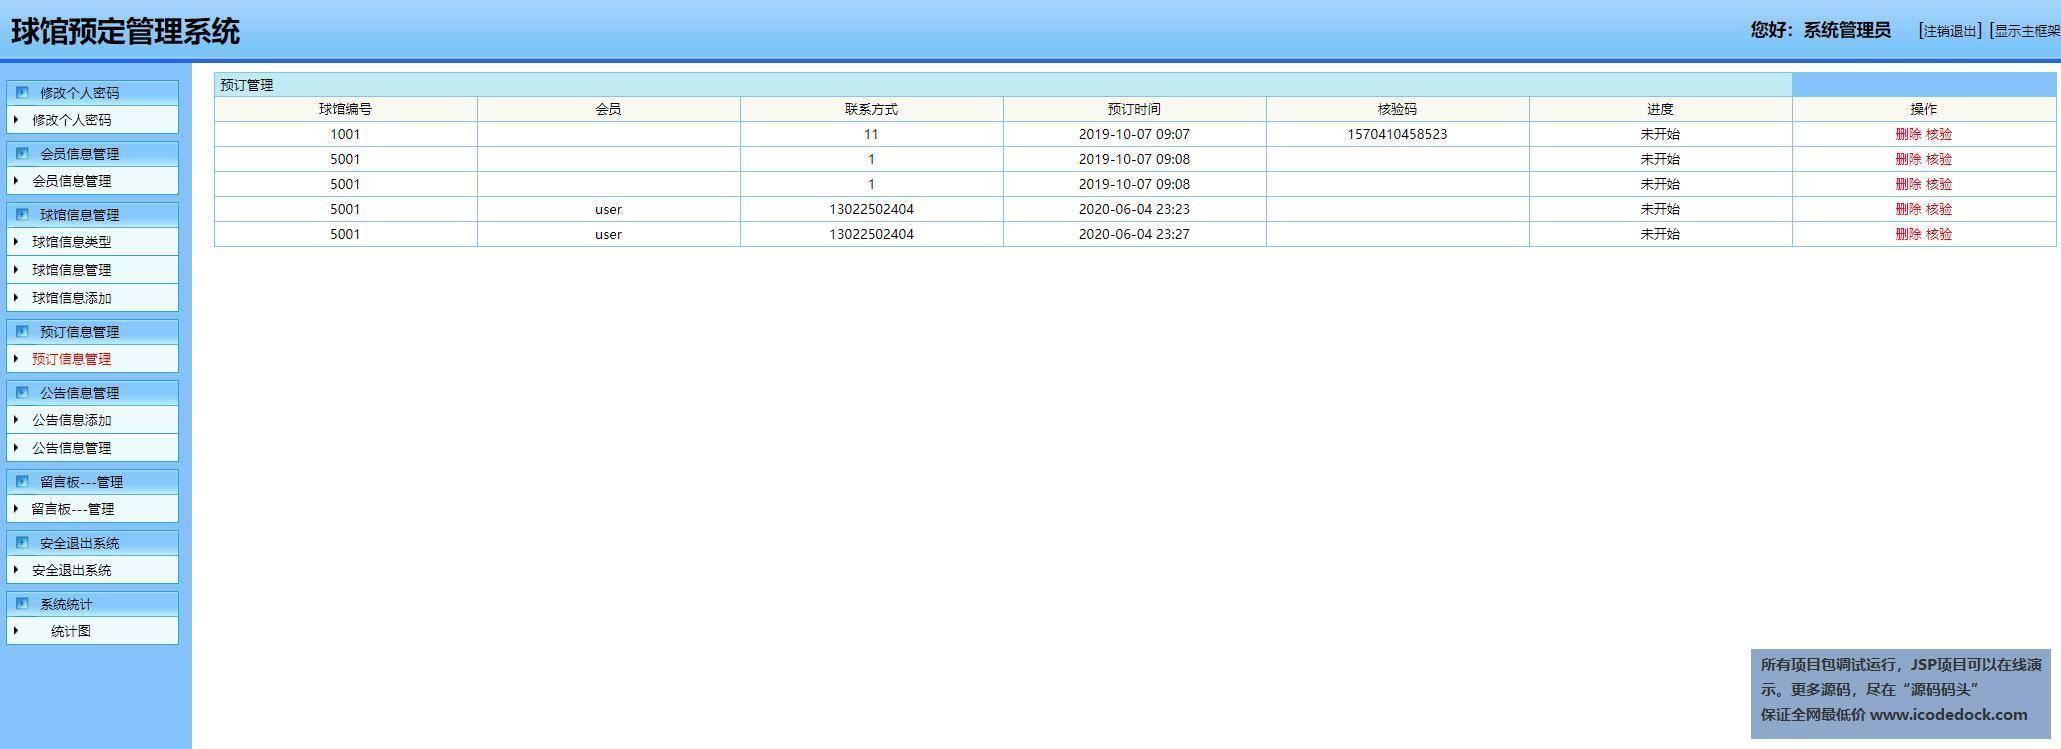 源码码头-SSH高校球场体育场预定管理系统-管理员角色-预订信息管理